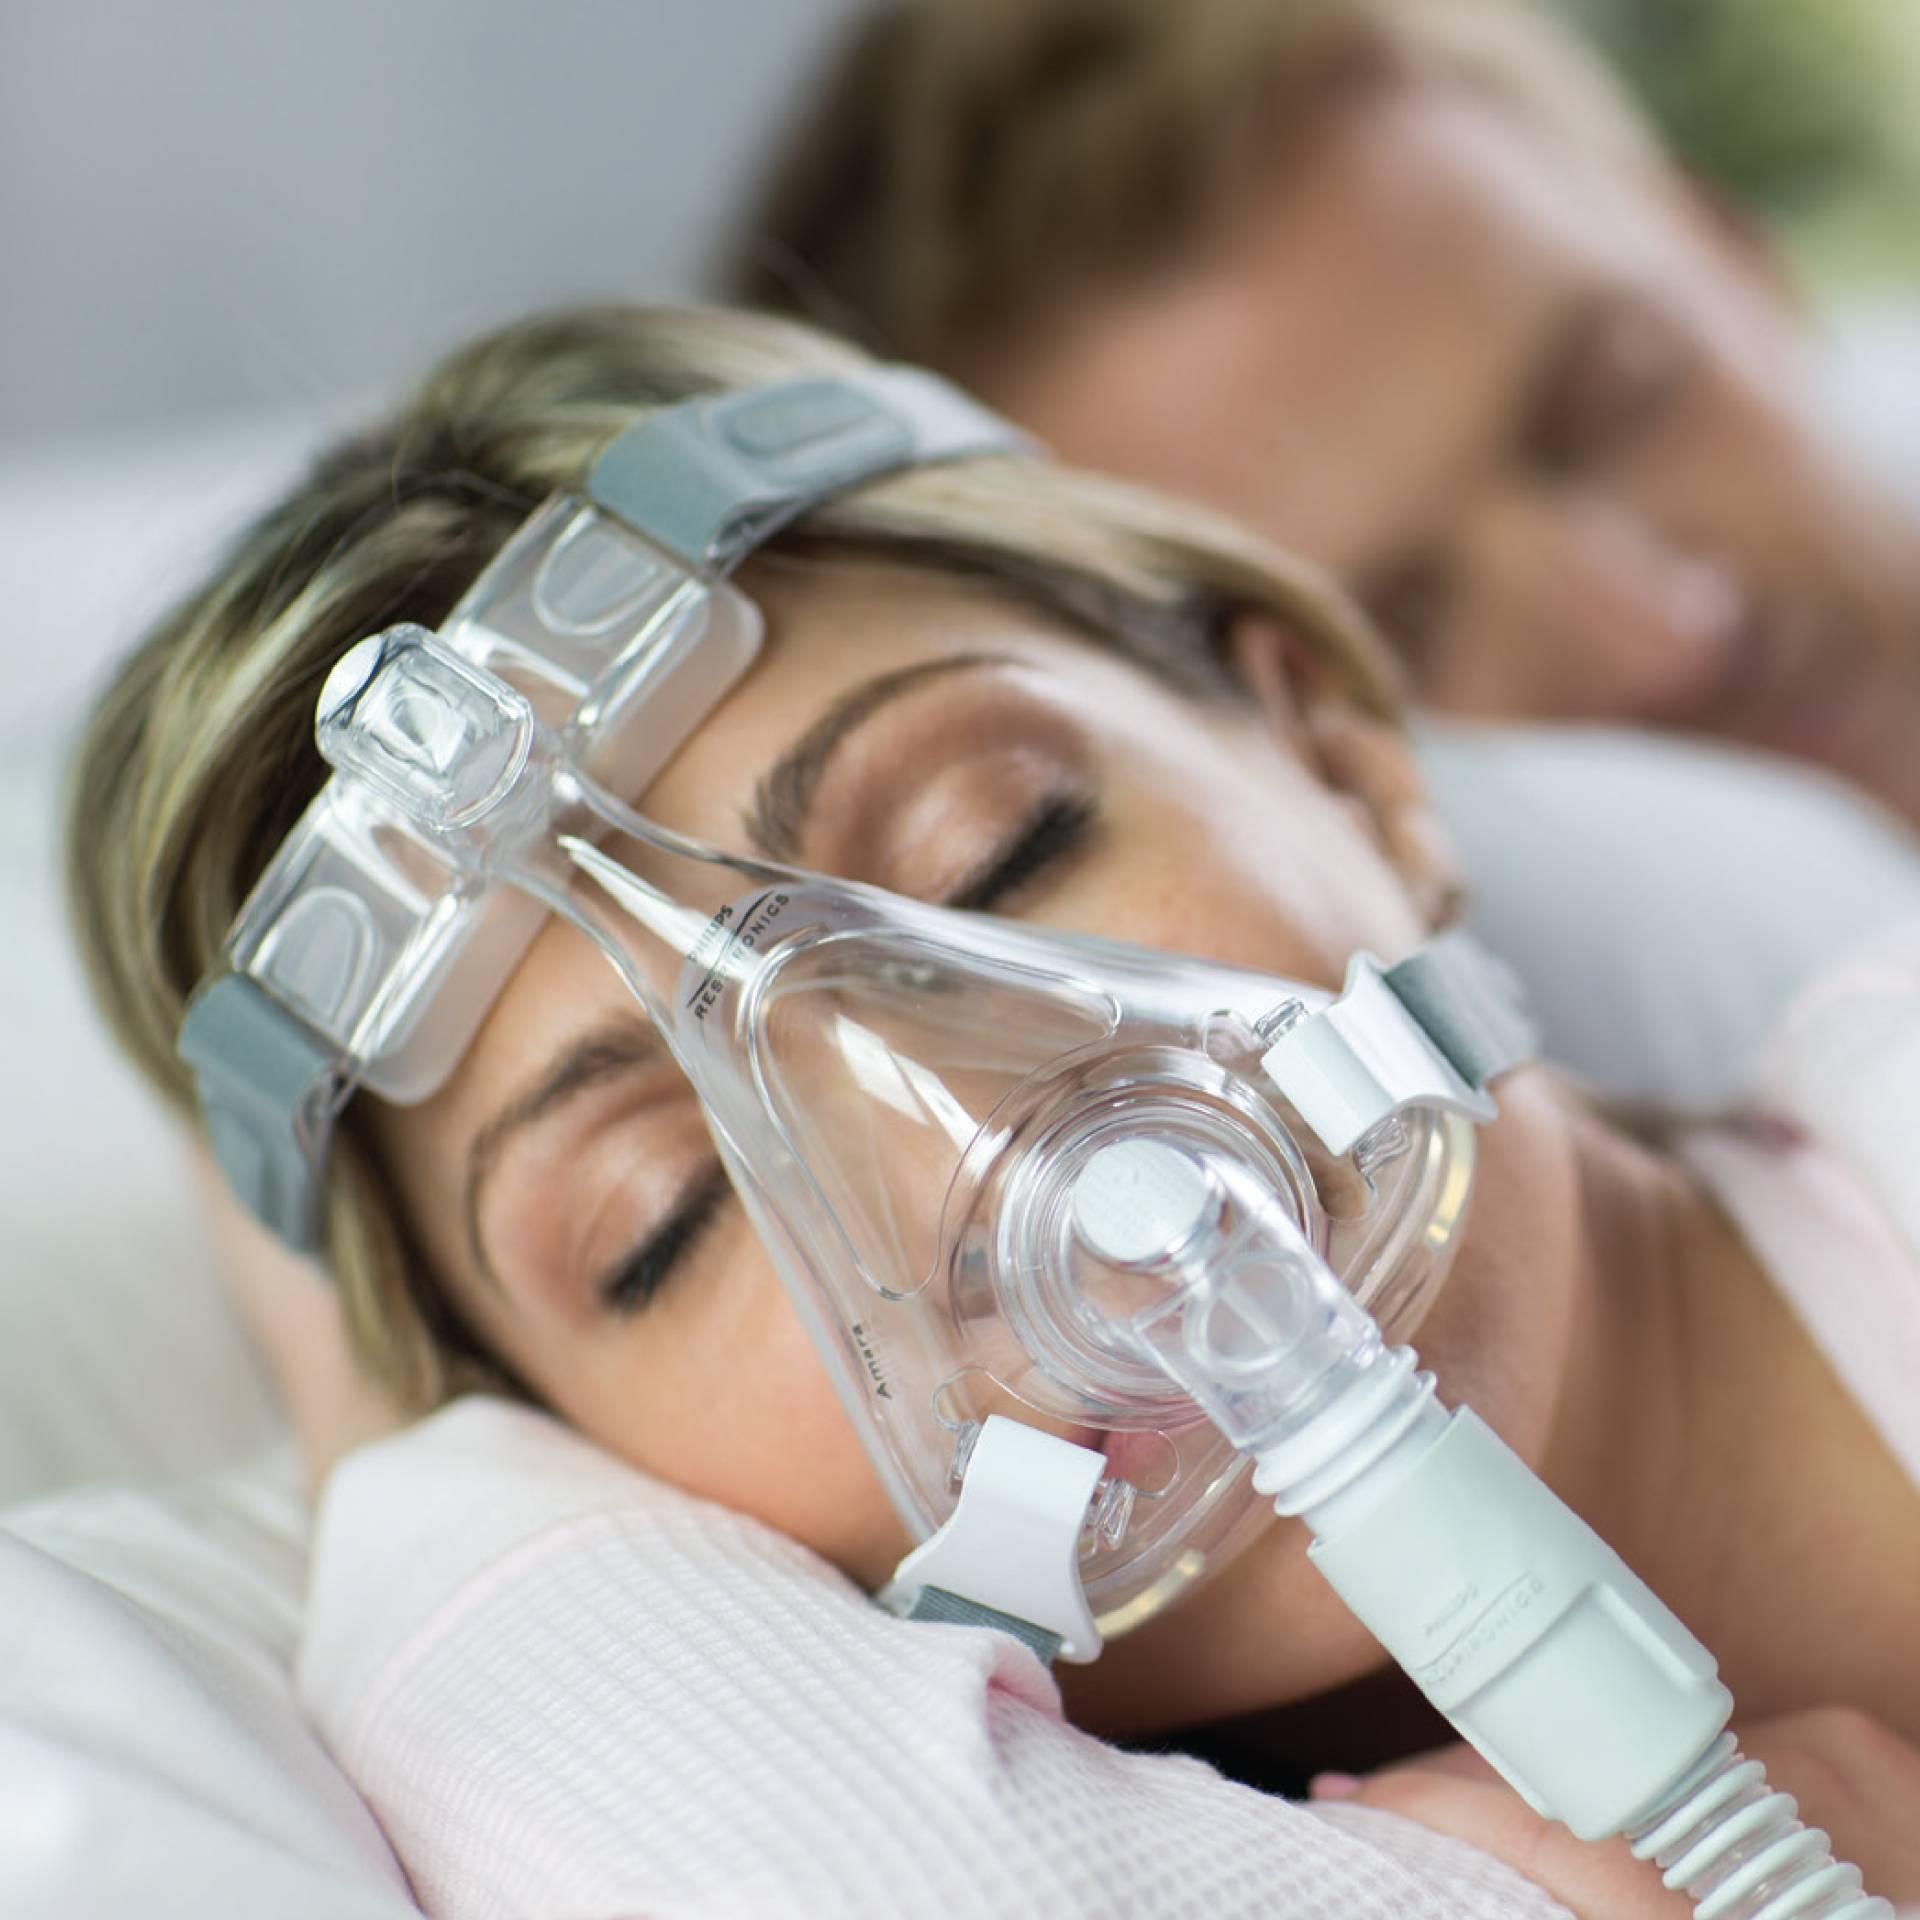 Лечение апноэ сна в москве – многолетний опыт, передовые методики   buzunov.ru